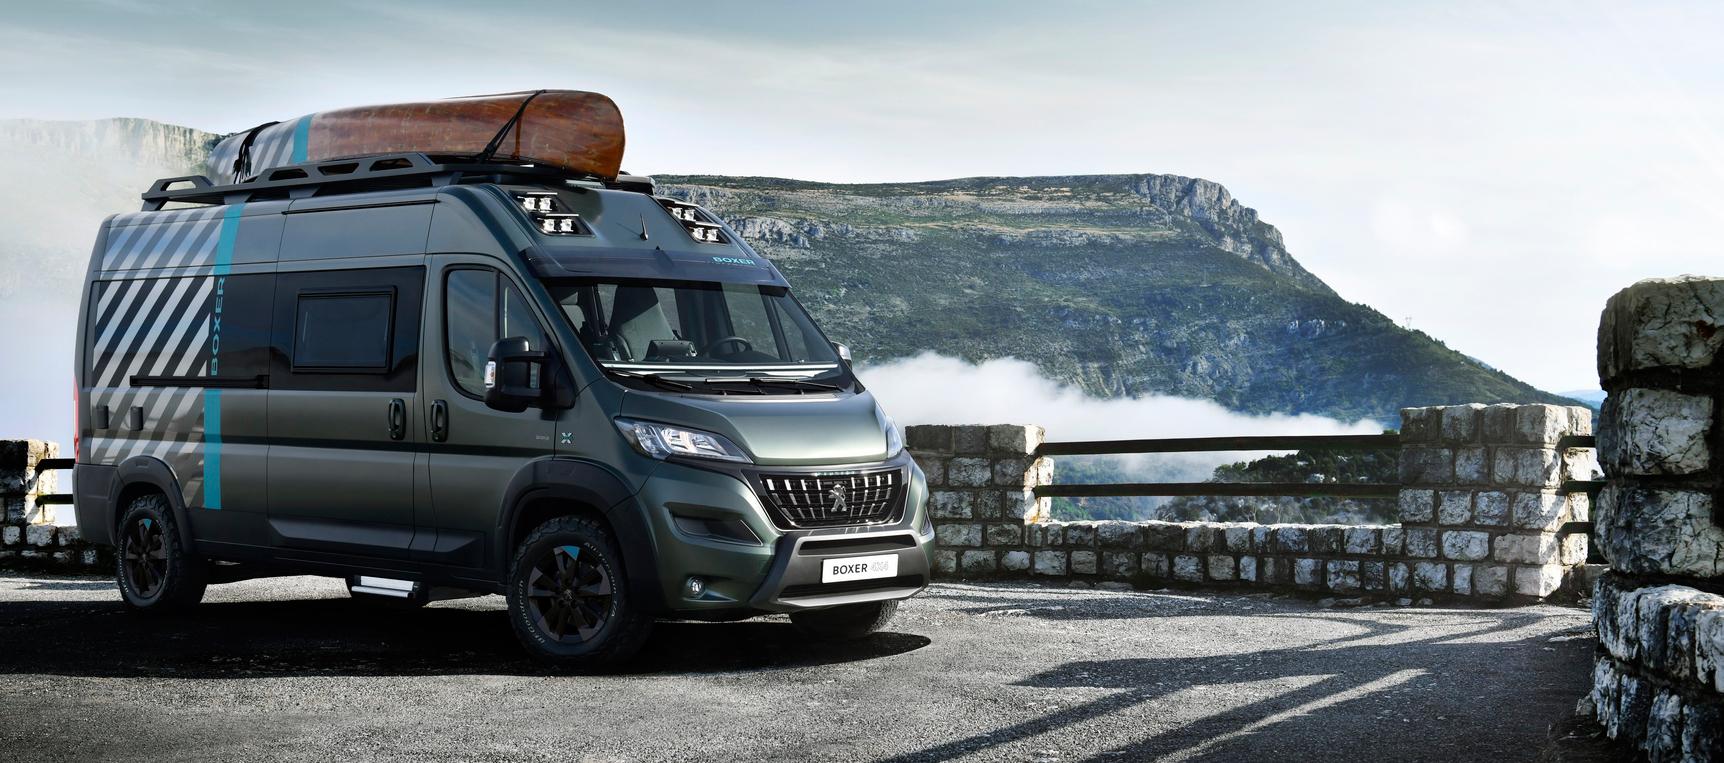 Peugeot Boxer 4x4 Concept para aventureros sin límites